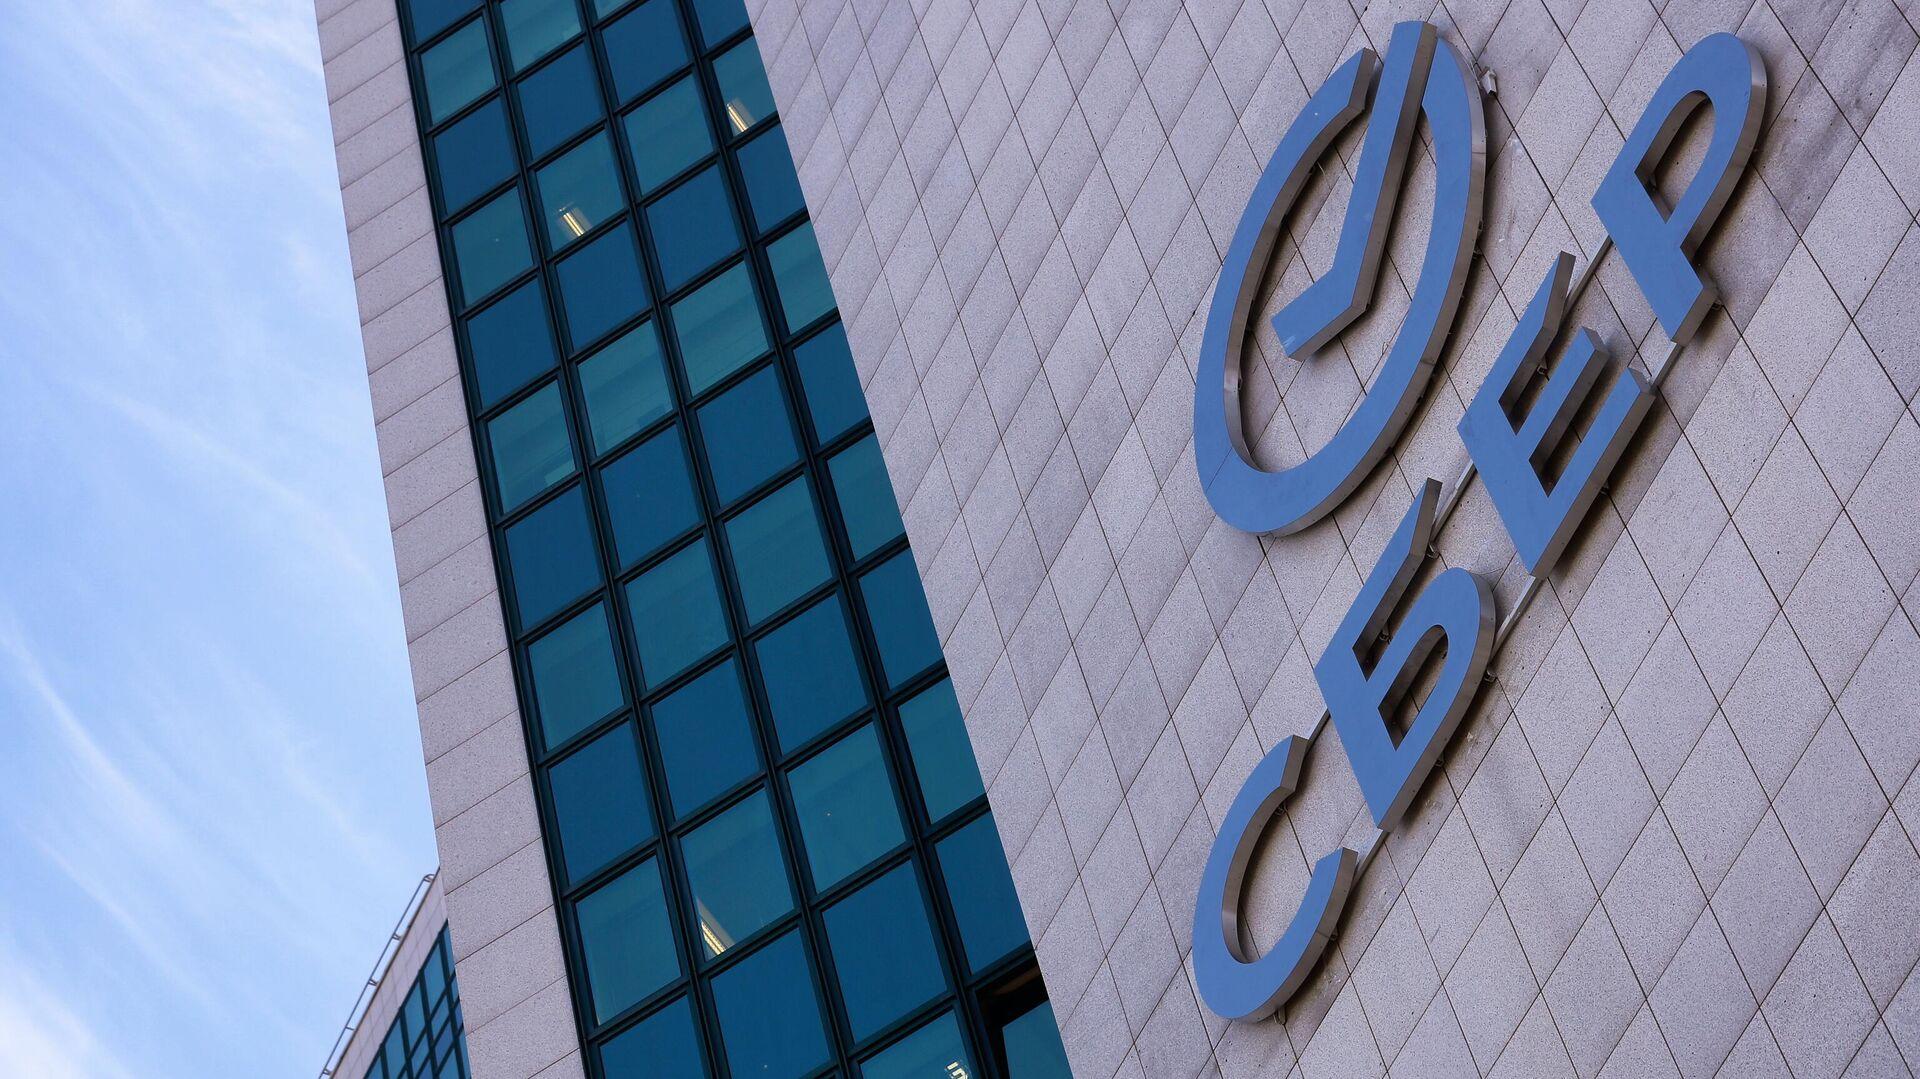 Вывеска с новым логотипом Сбербанка на здании центрального офиса в Москве - РИА Новости, 1920, 30.11.2020